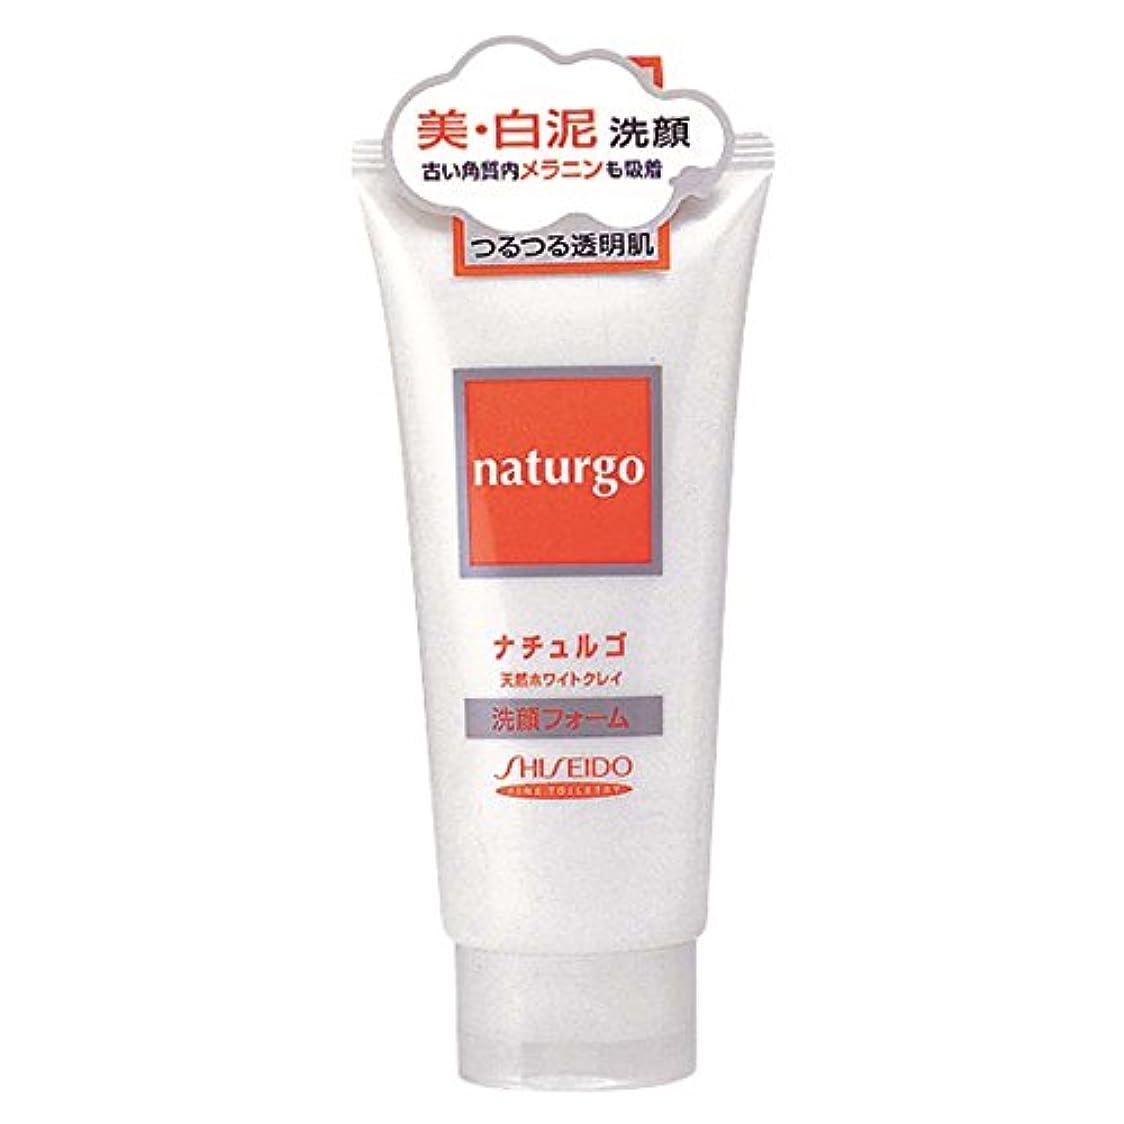 豊かにするサンプルはいナチュルゴ 洗顔フォーム ホワイトクレイ 120g